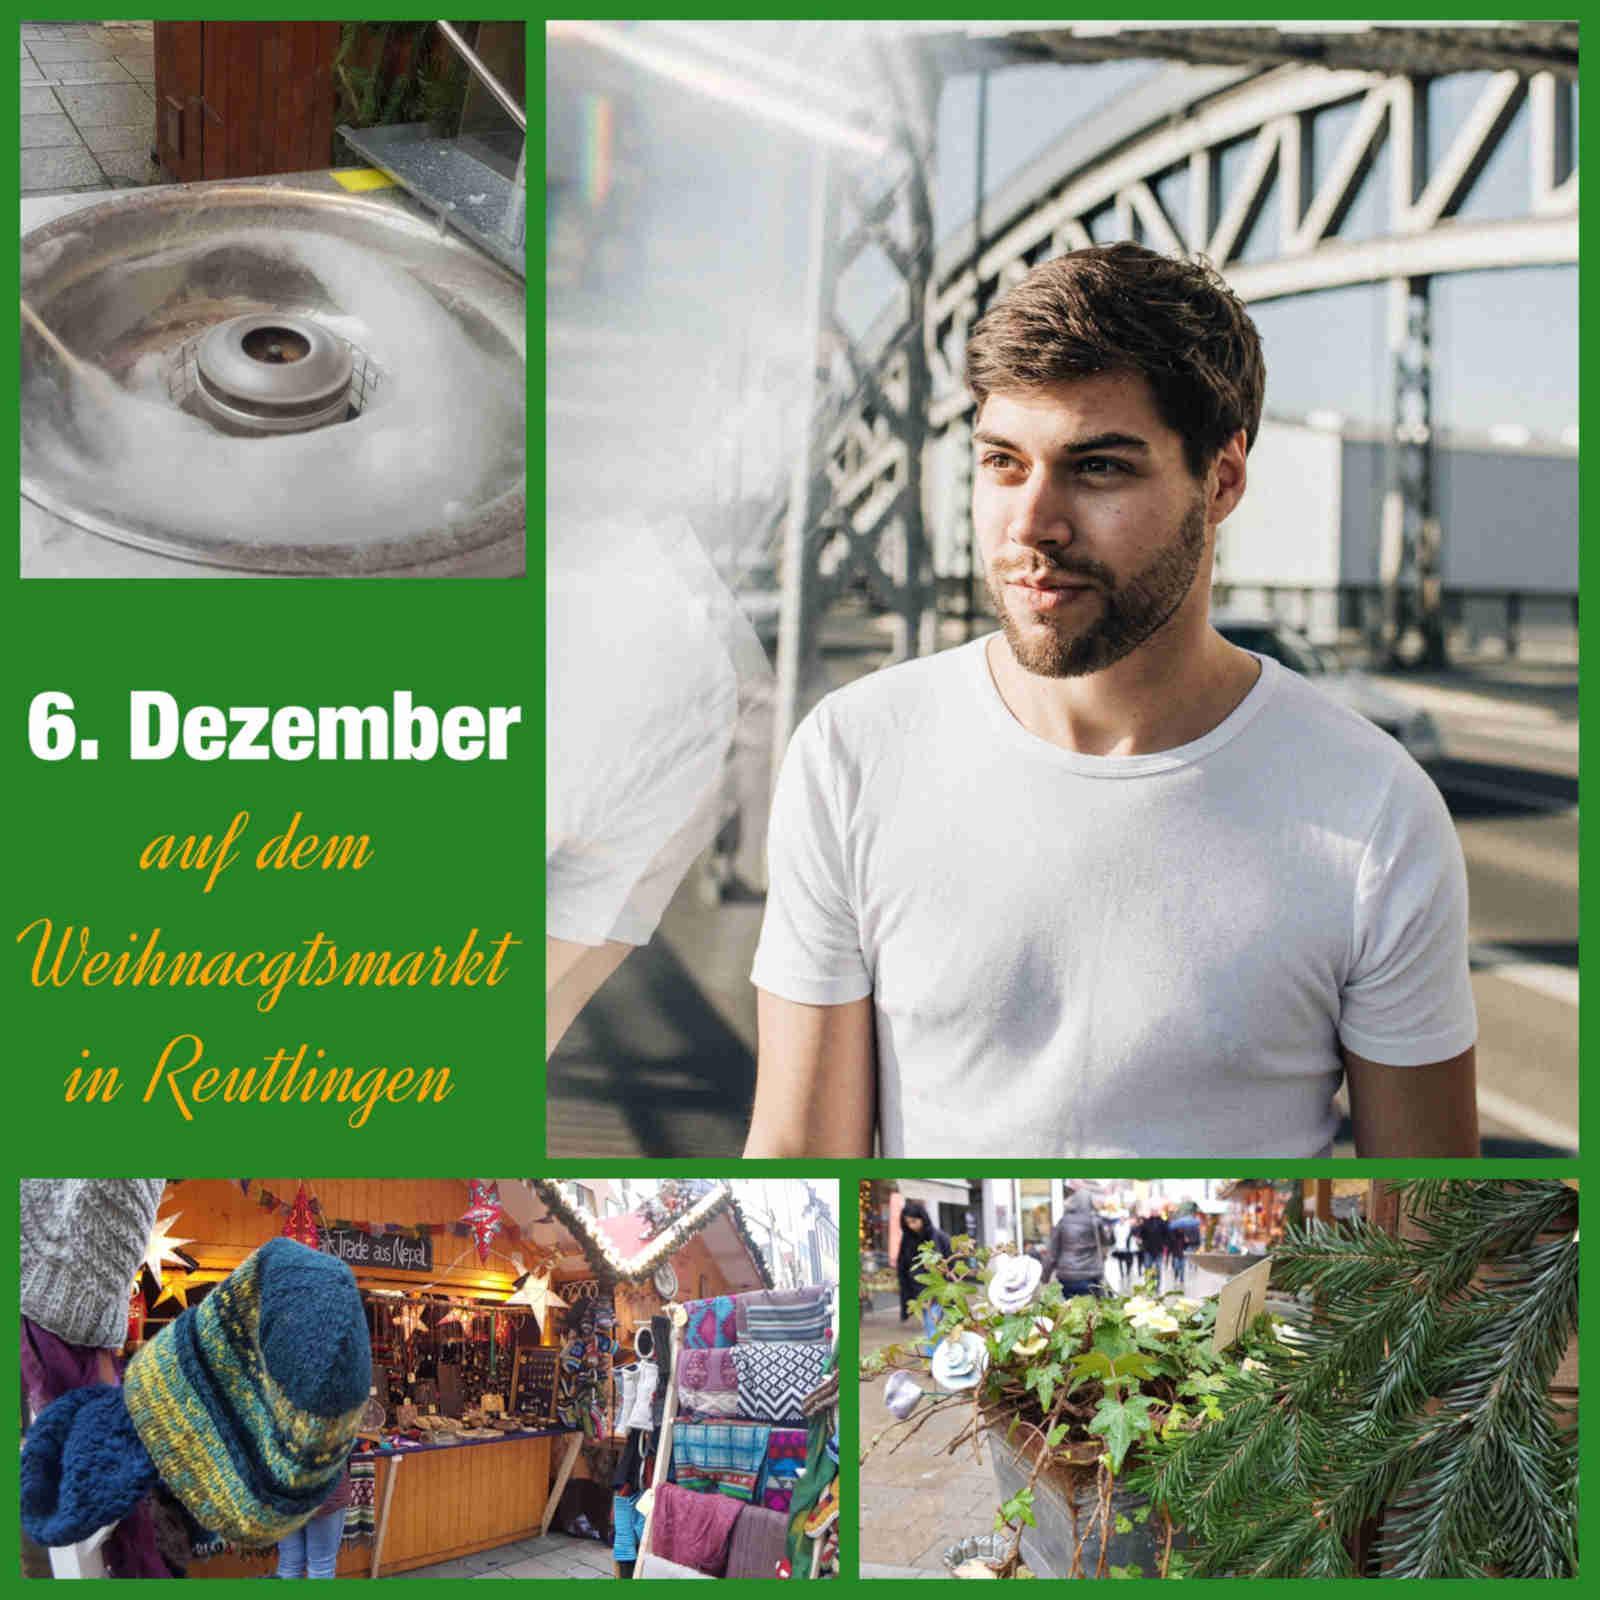 Jonnes singt am 6.12.2018 auf dem Weihnachtsmarkt